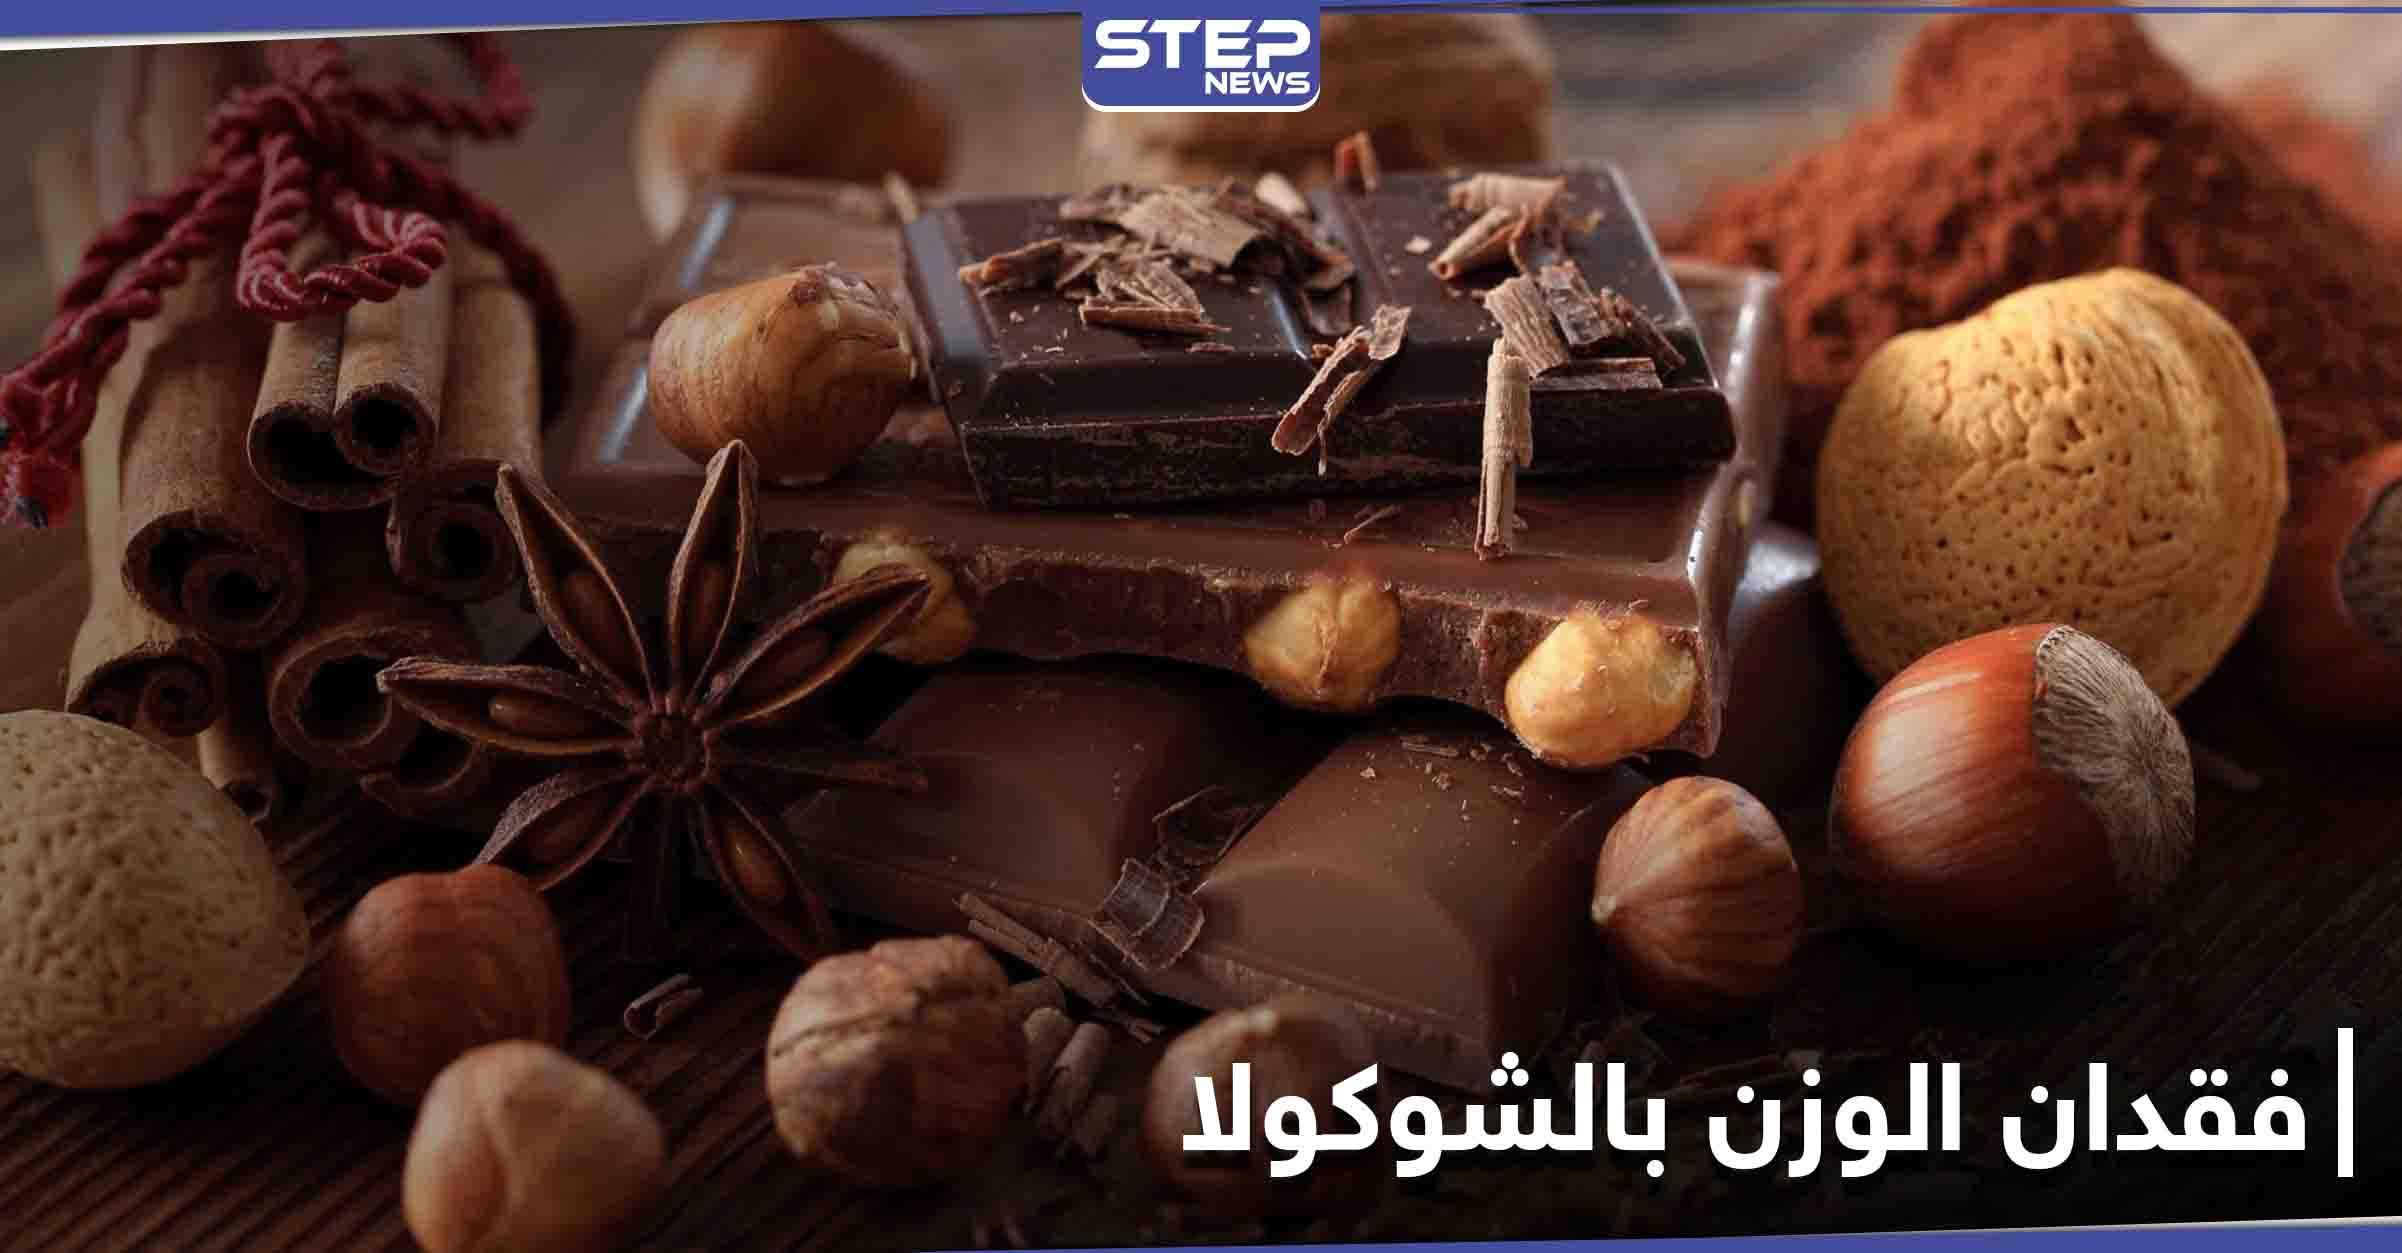 هل حقاً تناول الشوكولا يساعد في فقدان الوزن.. تعرف إلى حقيقة حميتها